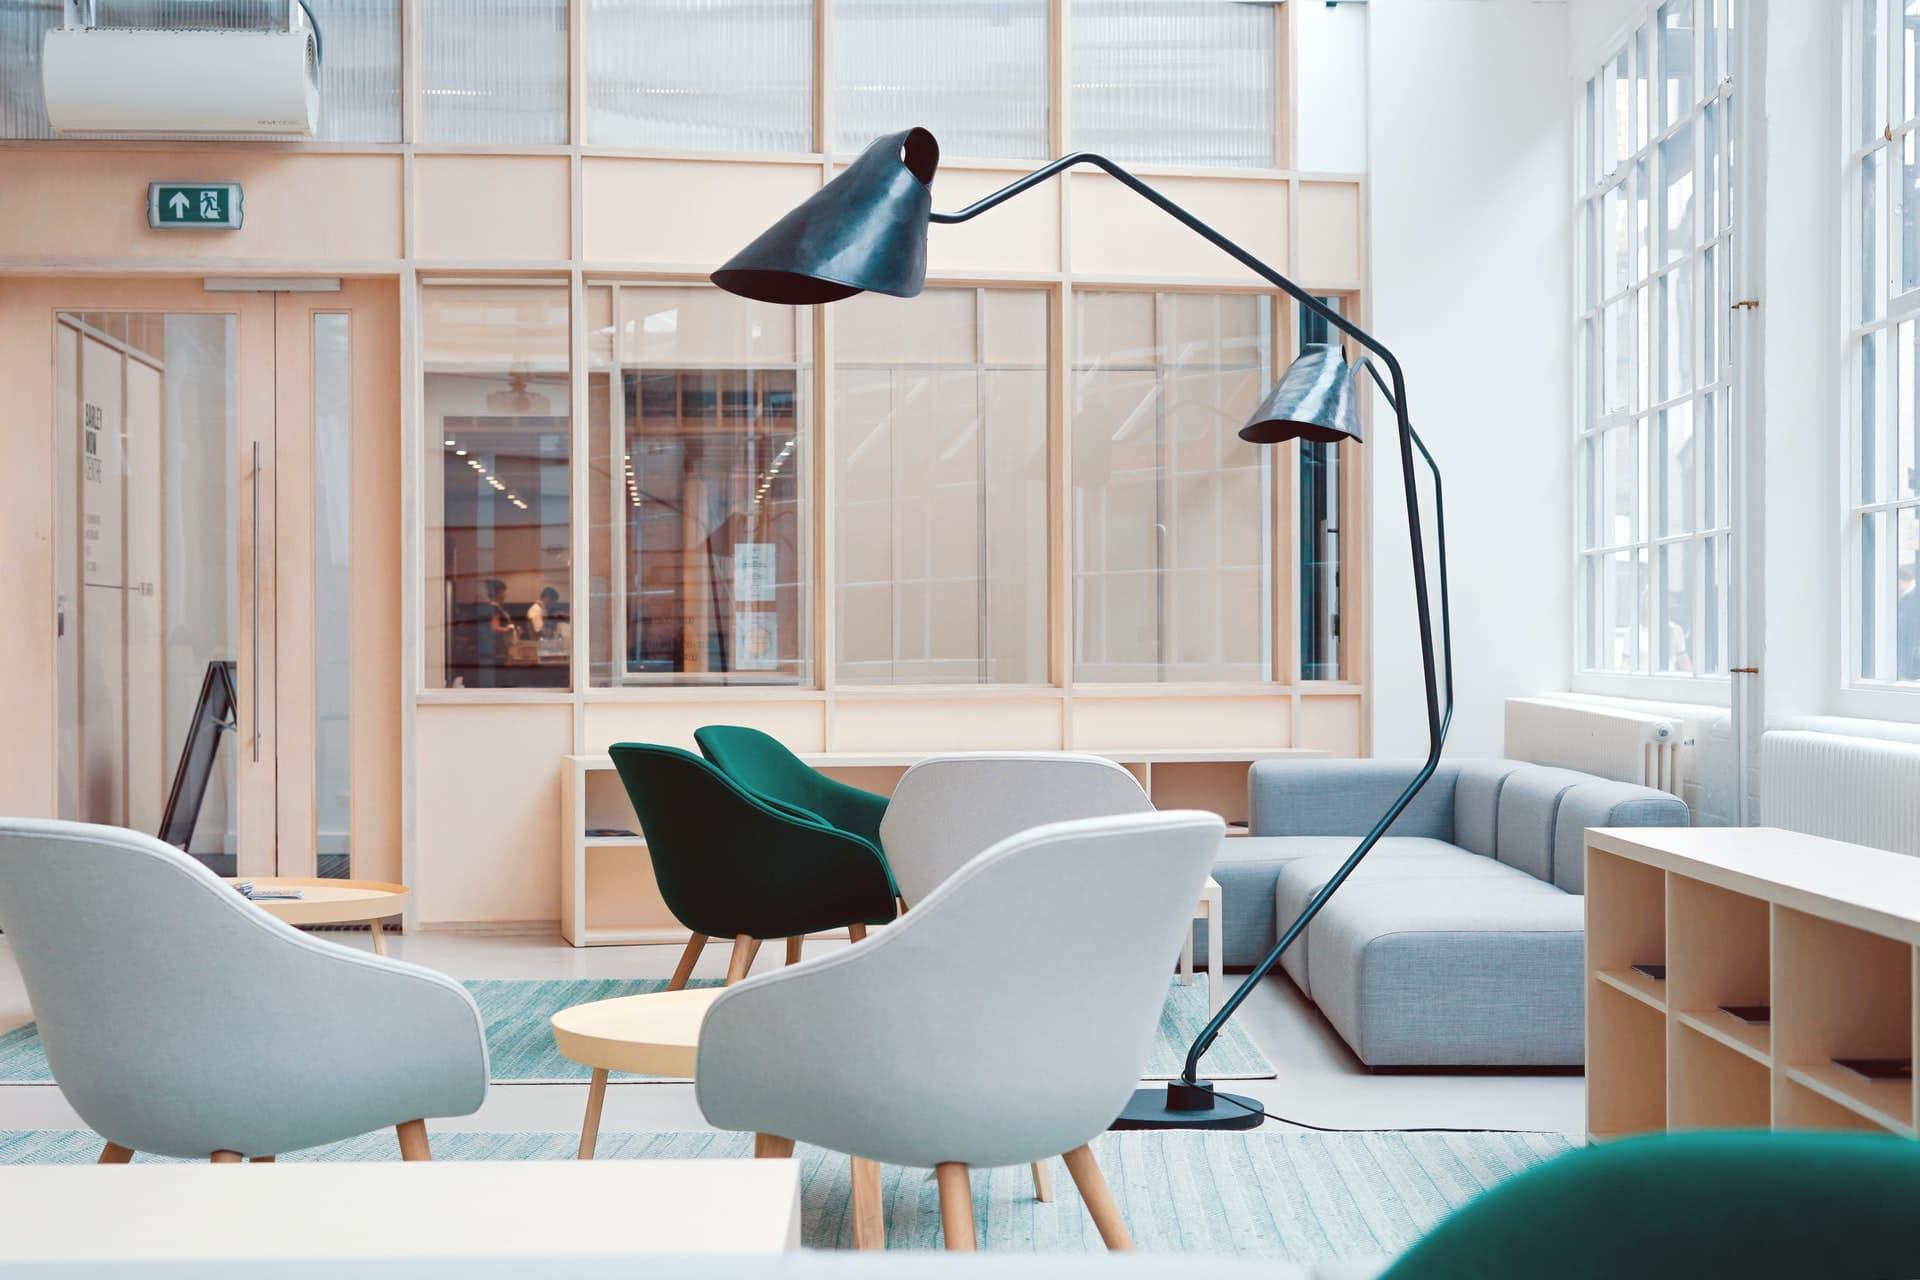 Interior Design Statistics - Featured Image